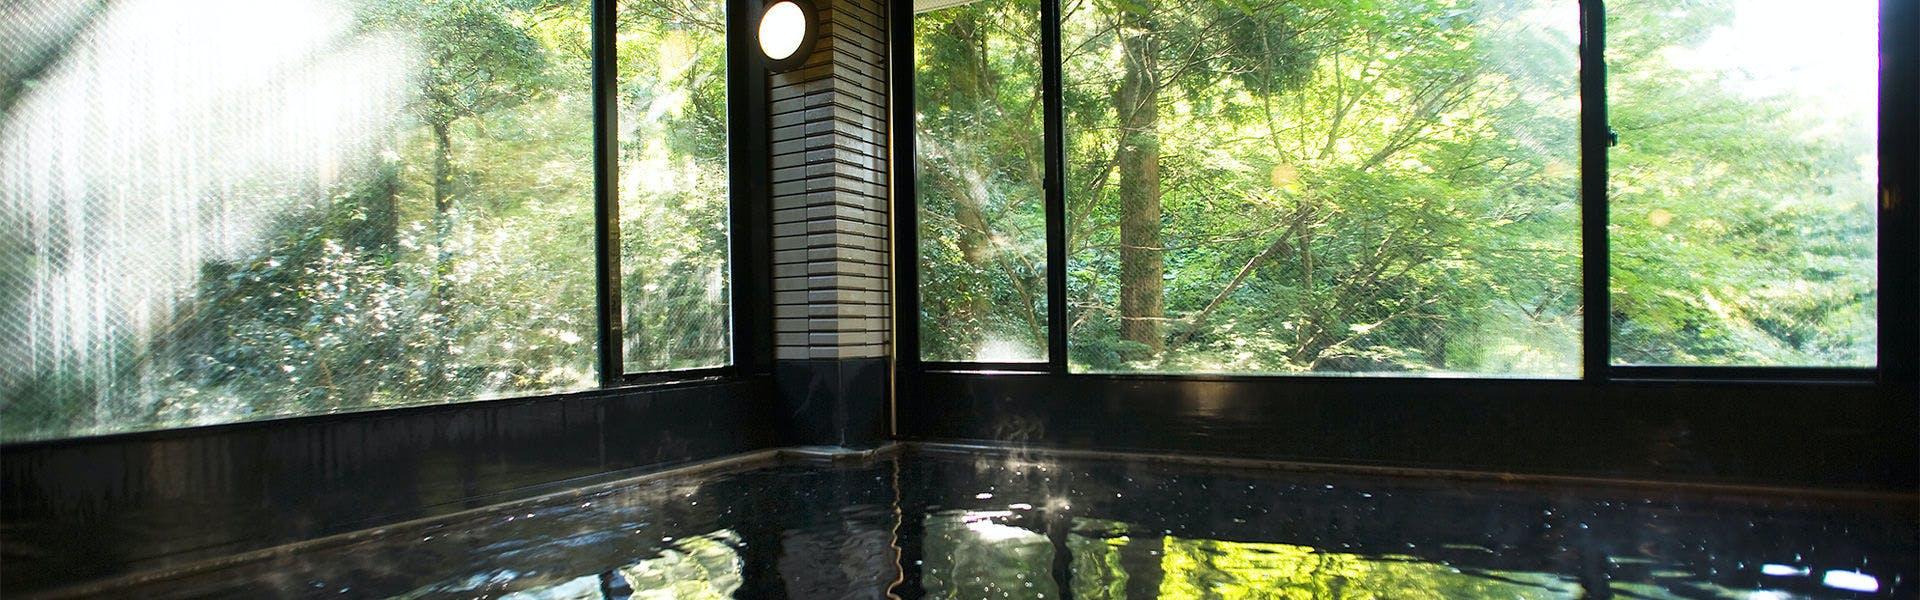 記念日におすすめのホテル・深谷温泉 元湯石屋の写真3